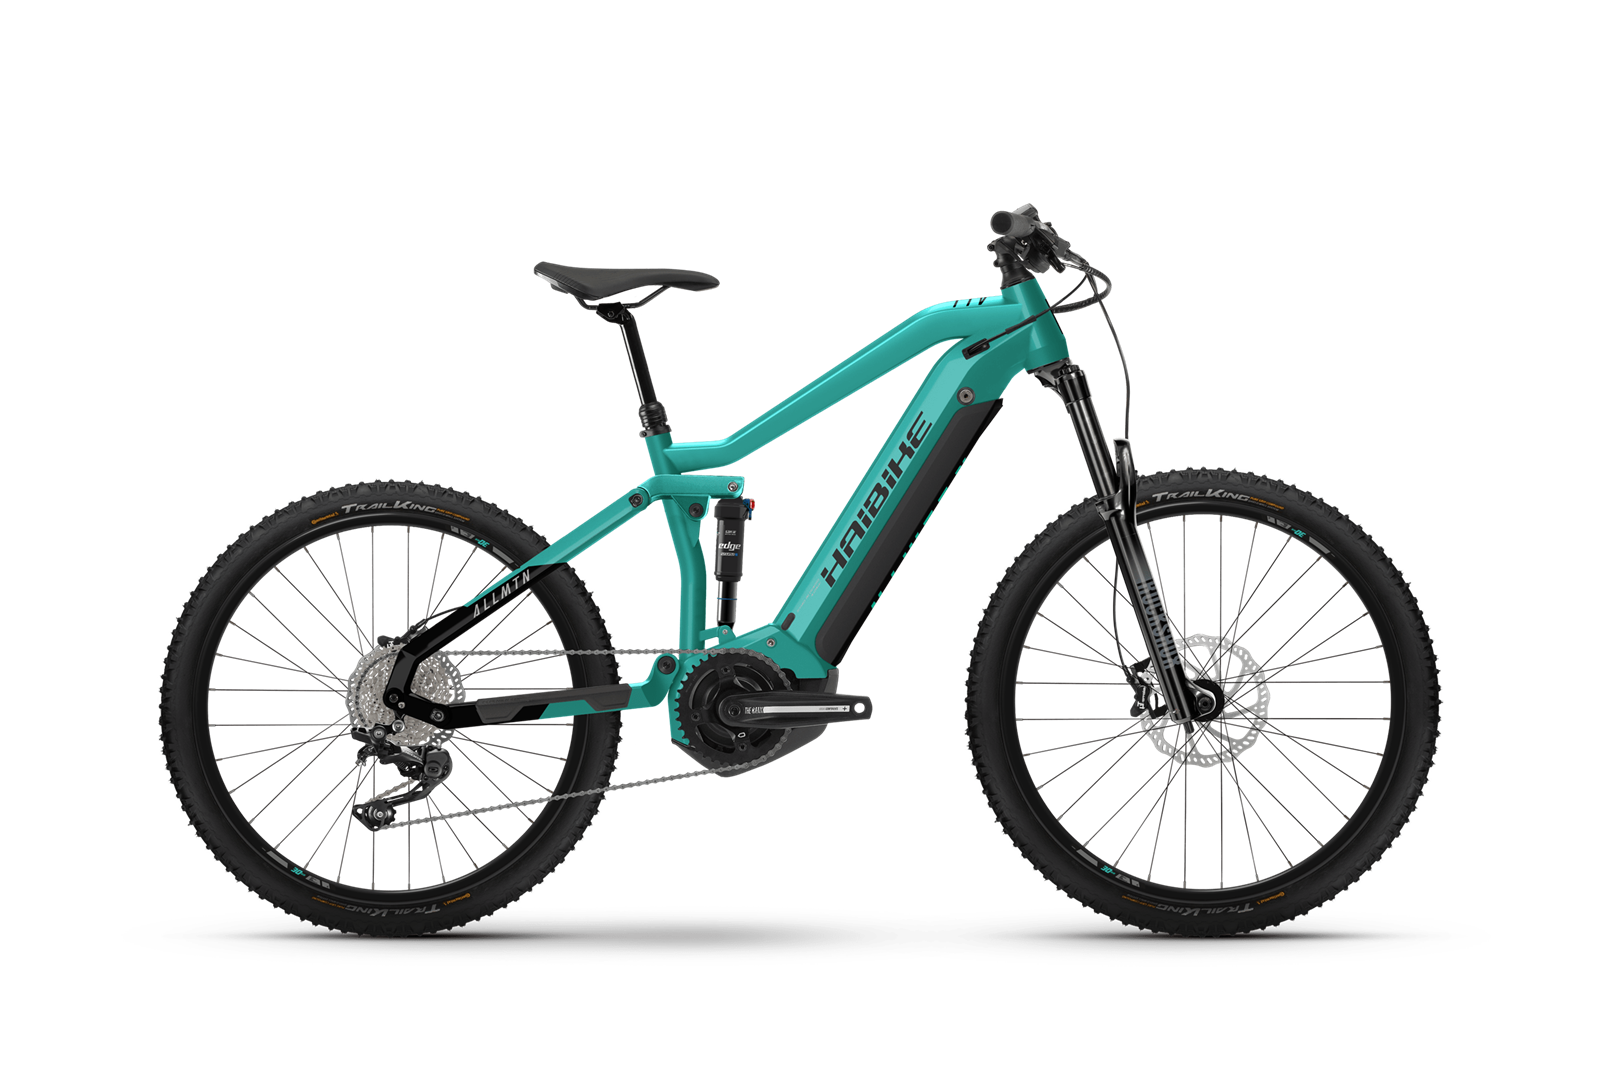 HAIBIKE AllMtn 1 MTB pedelec kerékpár - akvamarin - L (2021)